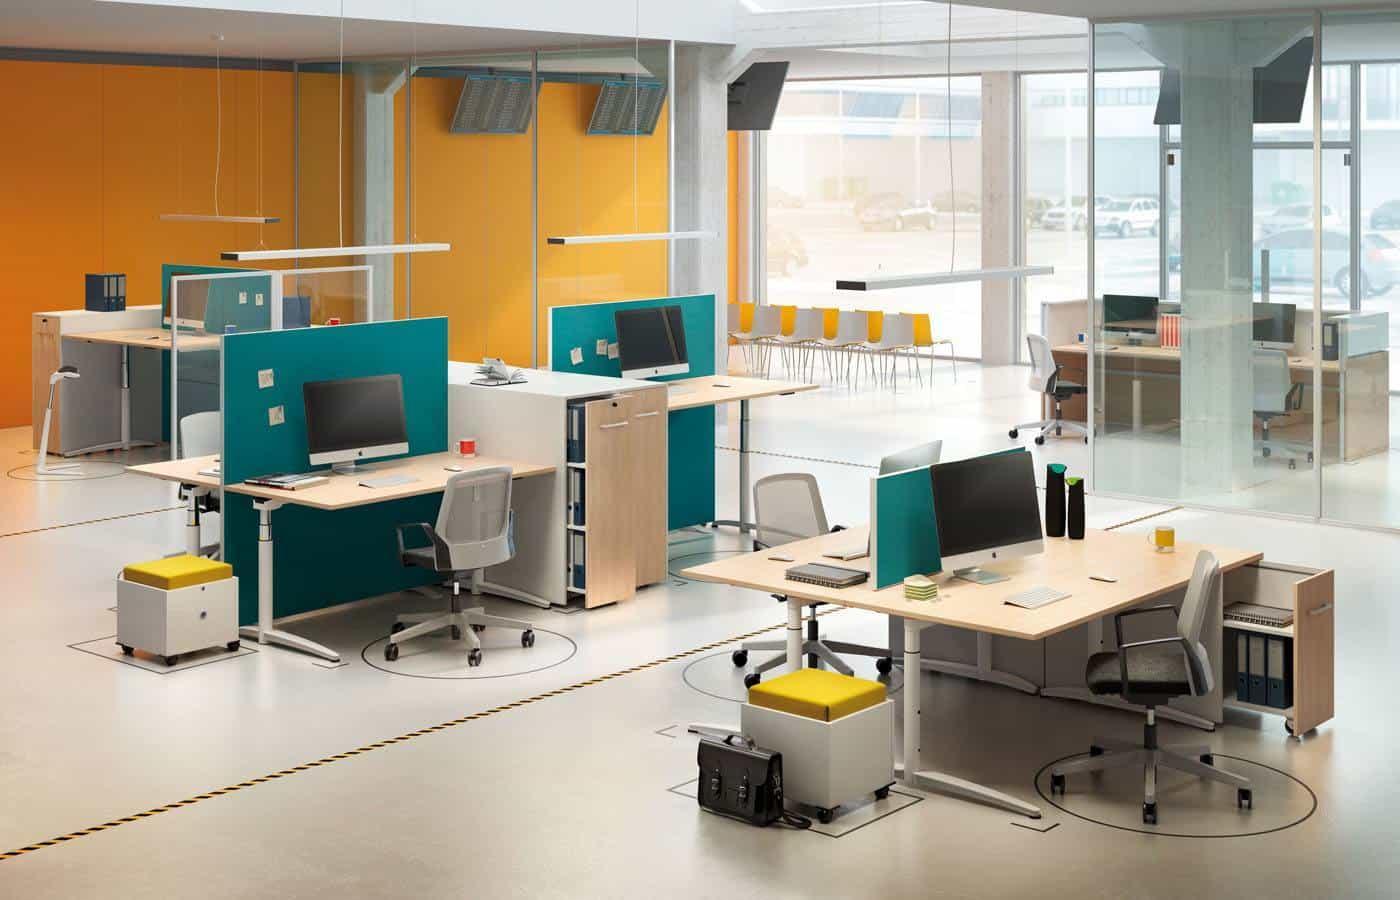 Kantoorinrichting Consultancy Bureau : Palmberg caldo werkplekken de jong kantoormeubilair